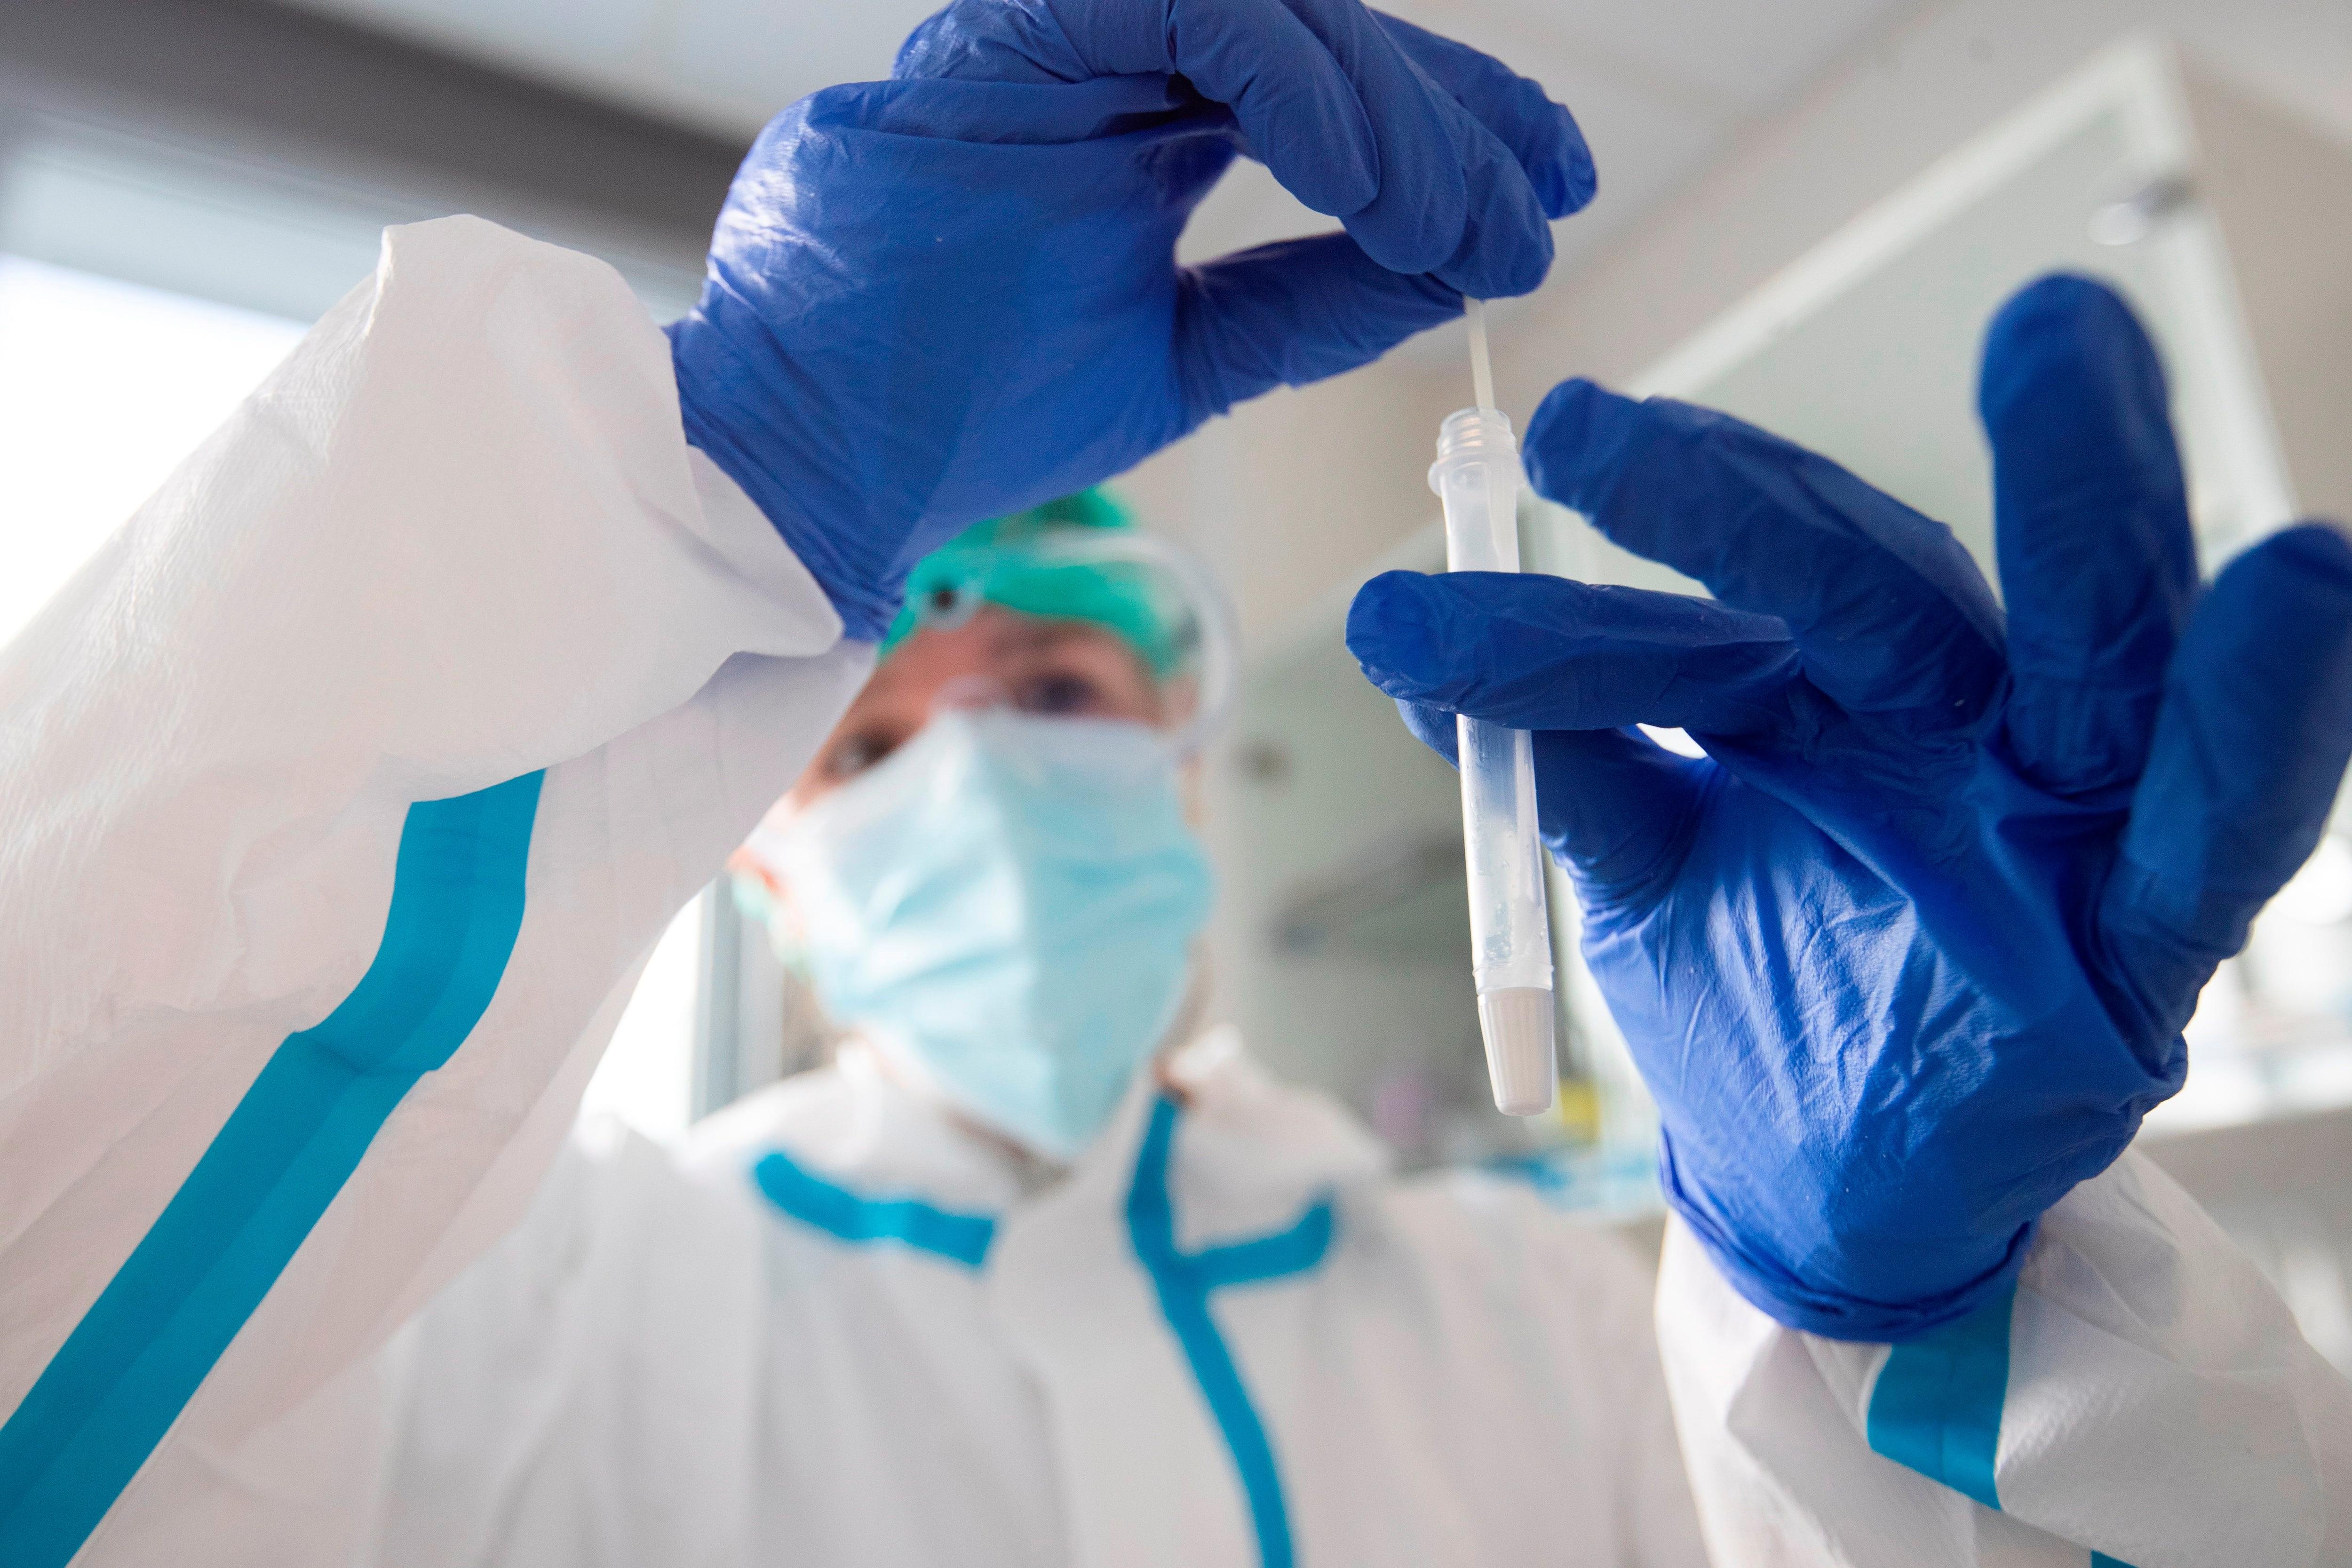 Una sanitaria realiza una prueba de antígenos. (EFE/Marta Pérez/Archivo)